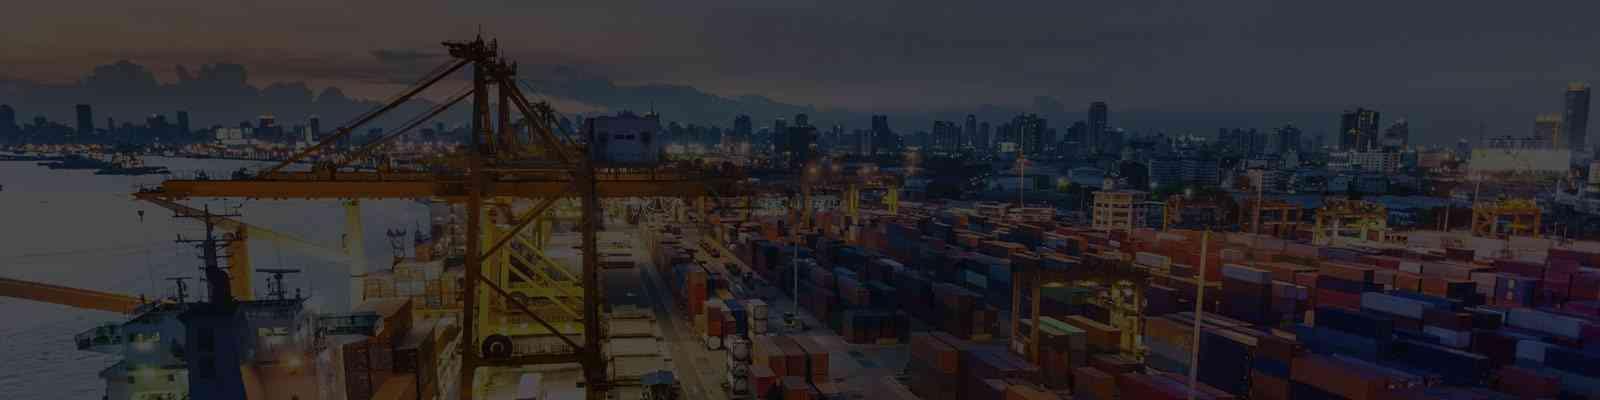 Cargo Services India